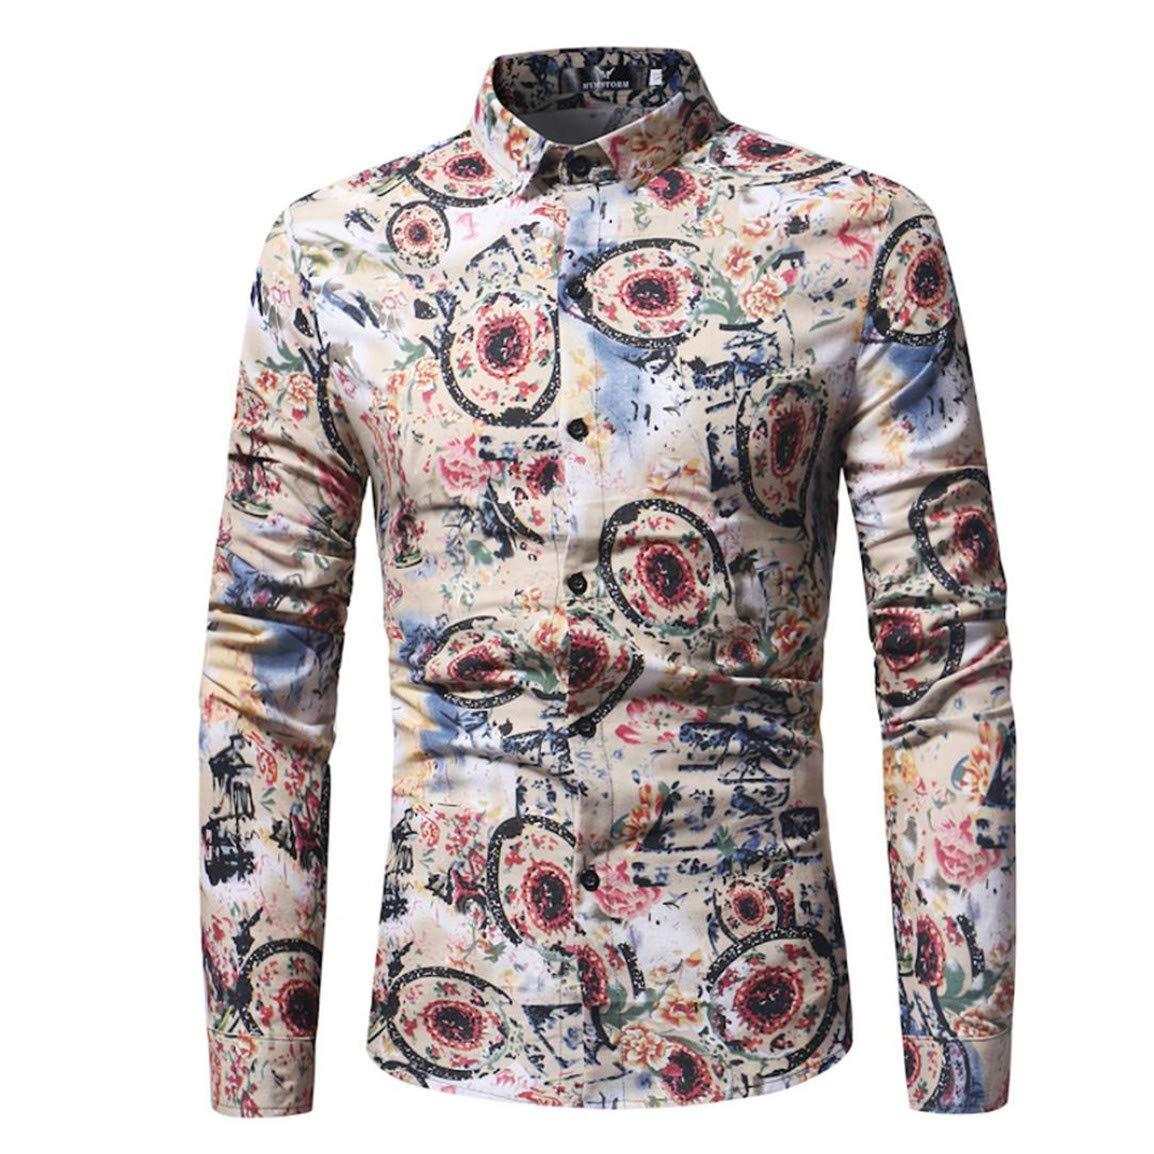 NEUE Damen Perlen V Neck Langarm Tops Damen schlank Winter-T-Shirts Blusen